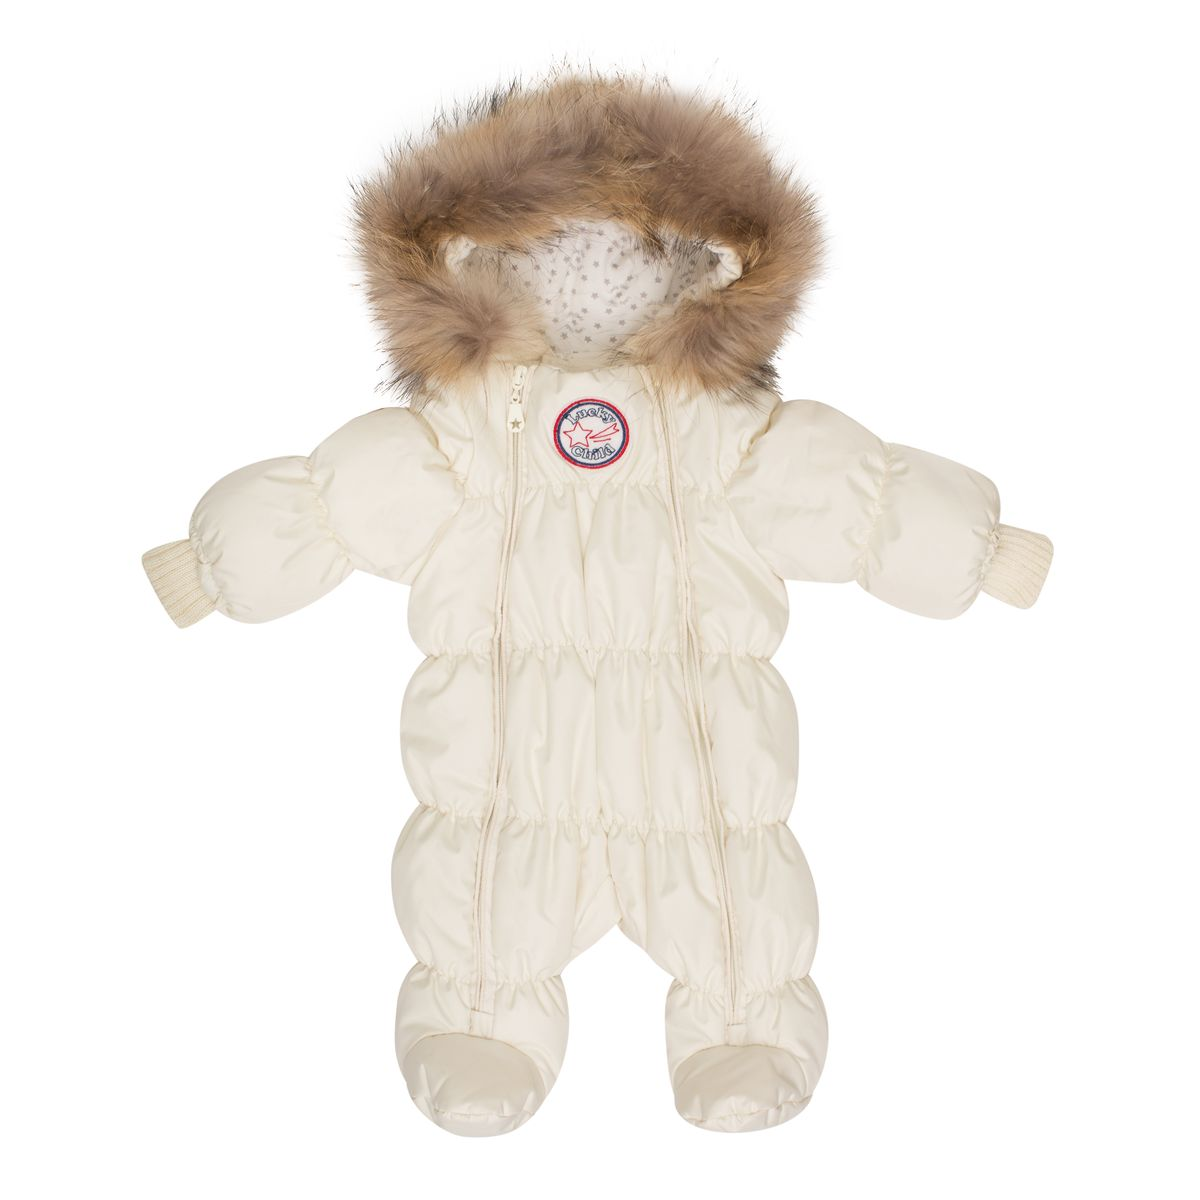 Комбинезон детский Lucky Child, цвет: молочный. В1-2. Размер 74В1-2Неважно, будет ли ваш кроха спать всю прогулку или пойдёт разглядывать снег, ему будет удобно в этом тёплом и лёгком комбинезоне. Сверху - качественная курточная ткань с влагостойкой пропиткой, внутри - наполнитель Isosoft и трикотажная подкладка с воздухопроницаемыми и водоотводными свойствами. Подходит для прогулок при температуре до -30°. Удобная двойная молния позволяет легко одеть и раздеть ребёнка или просто поменять подгузник и продолжить прогулку. Ручки младенца можно легко спрятать в отворачивающуюся «варежку». Капюшон оторочен натуральным мехом енота.